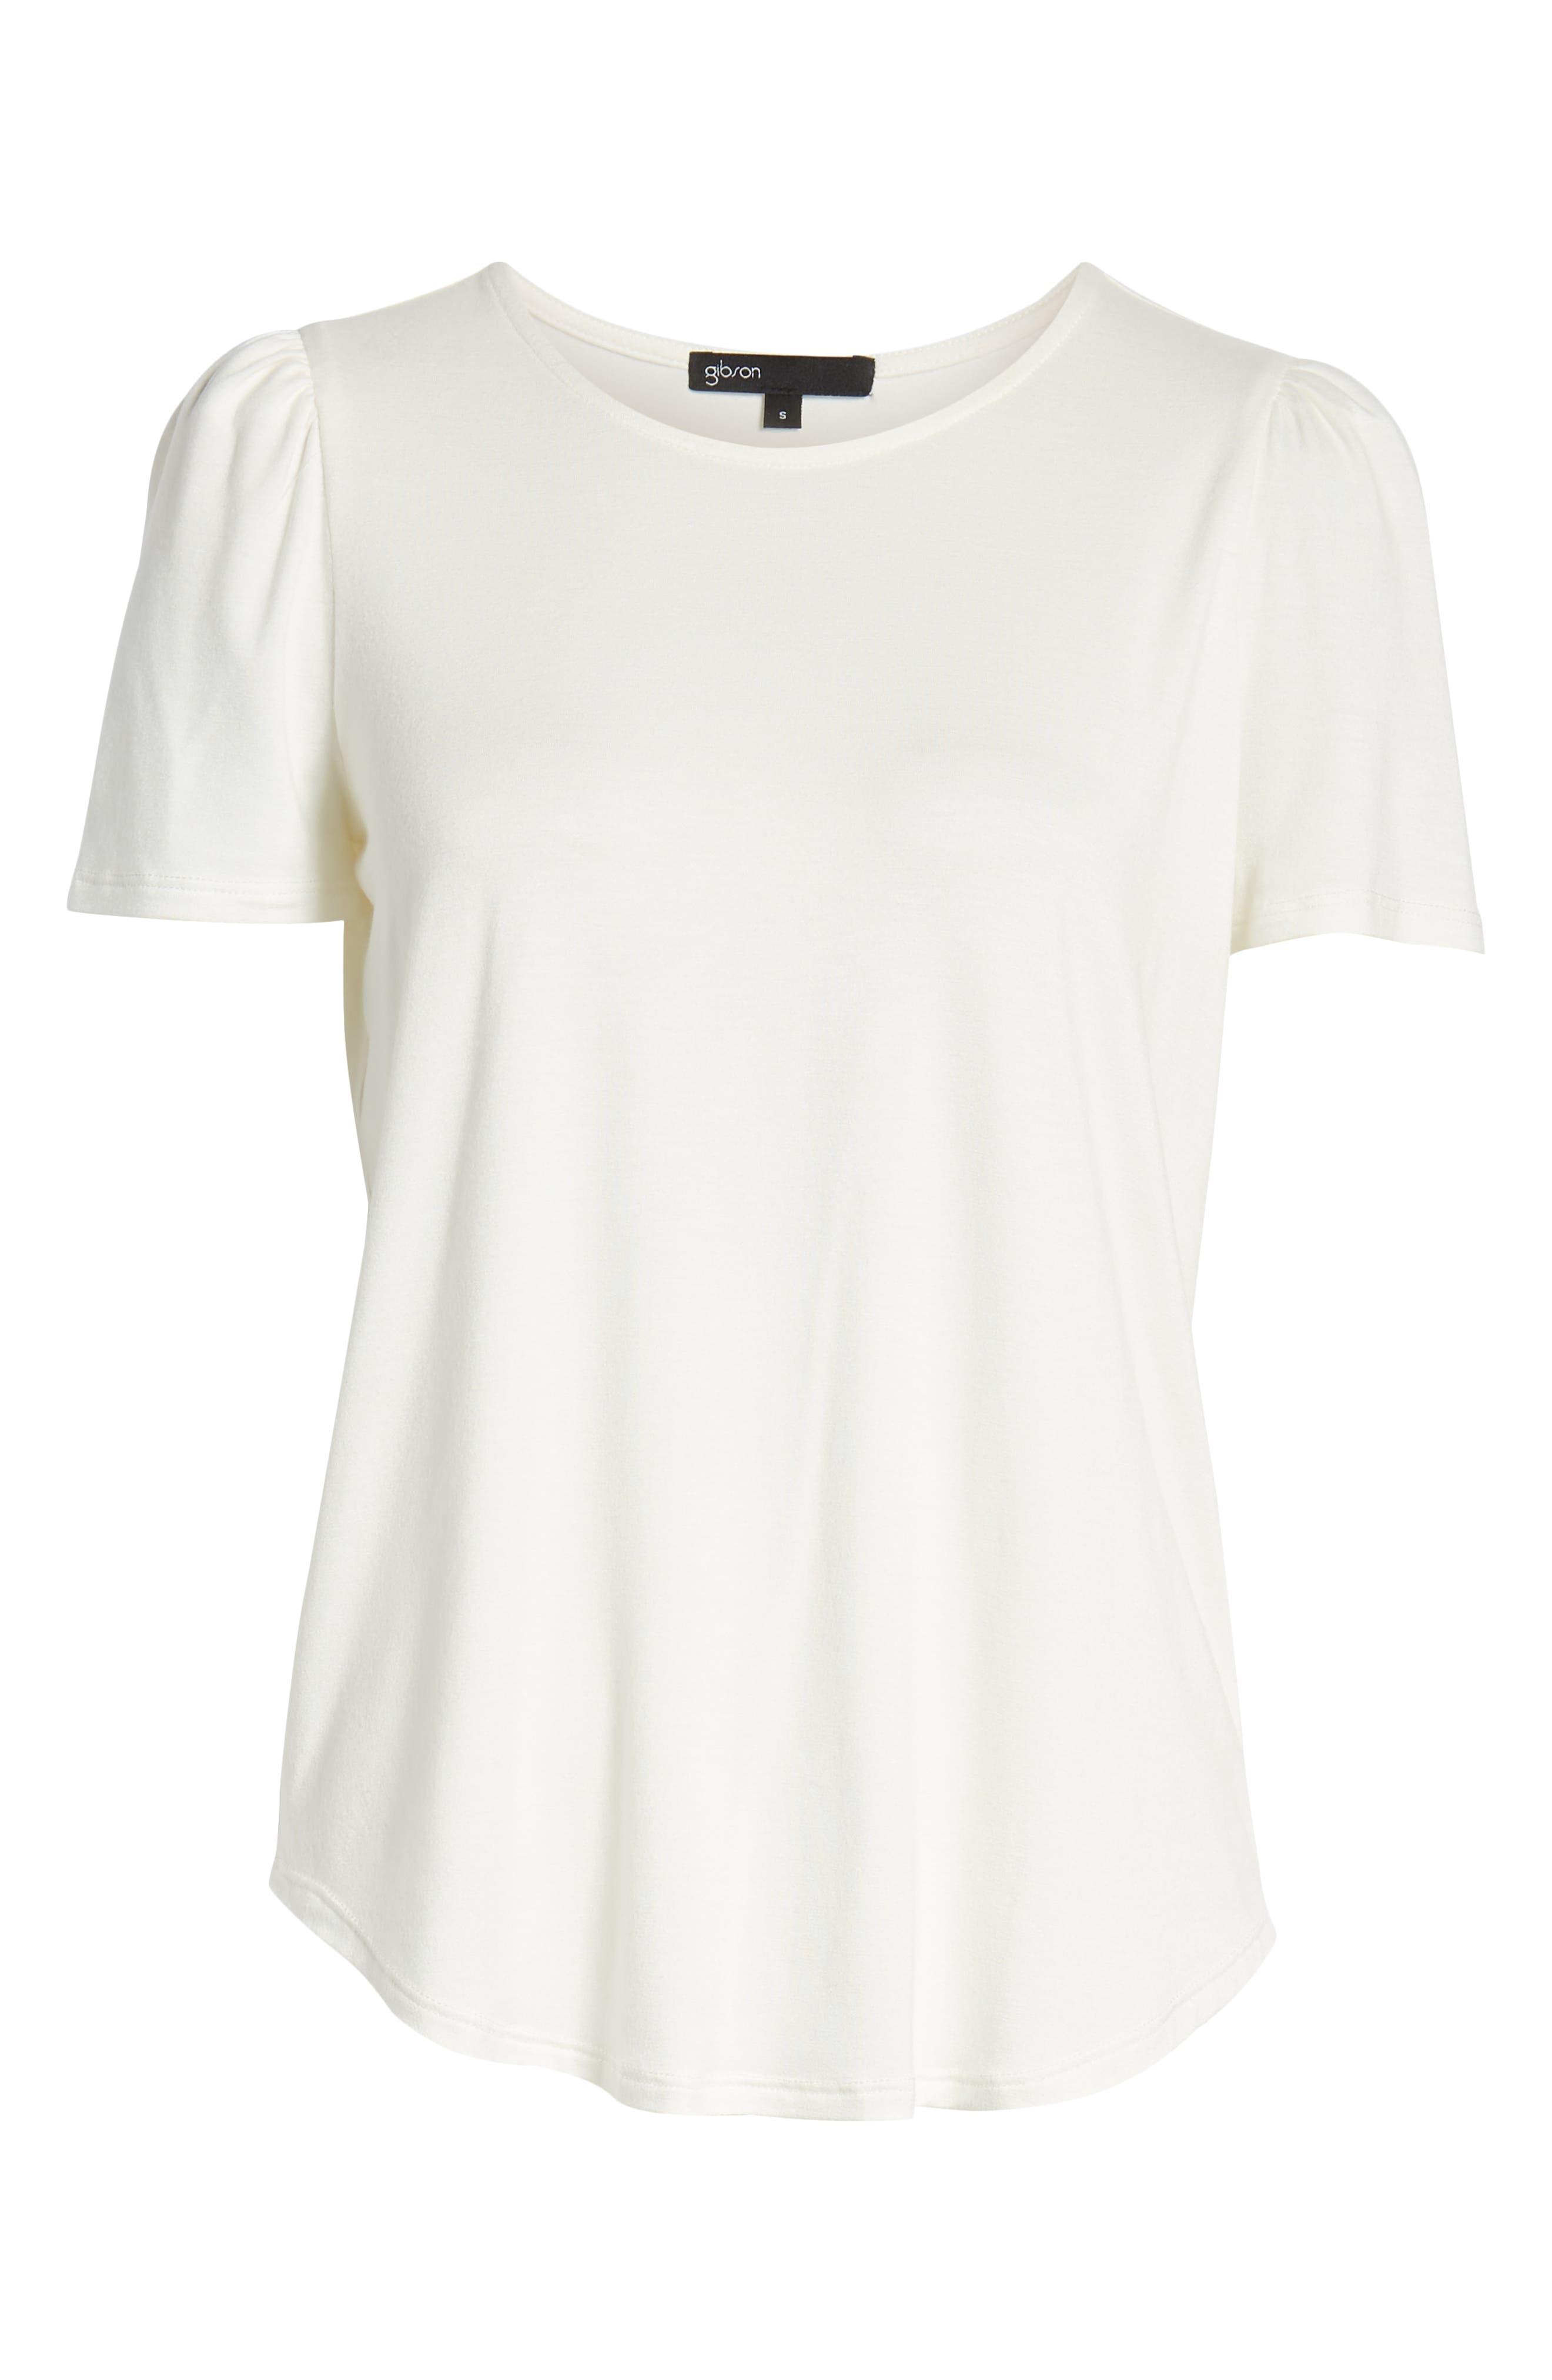 e1404461d418 Gibson Women s T-Shirts Clothing